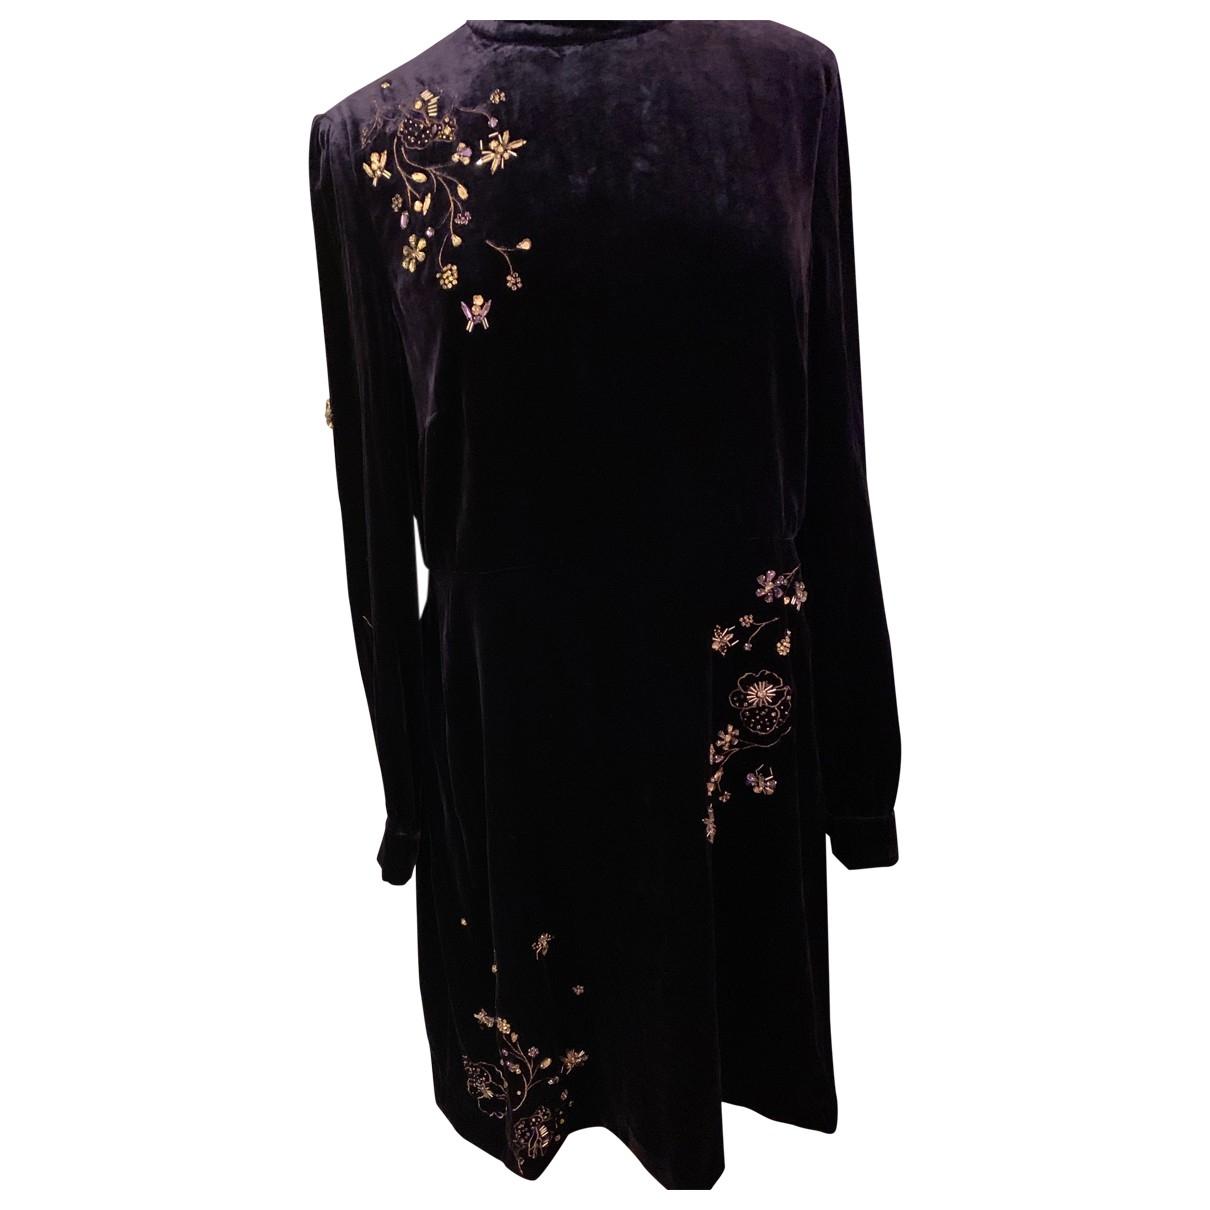 Lk Bennett \N Navy dress for Women 14 UK